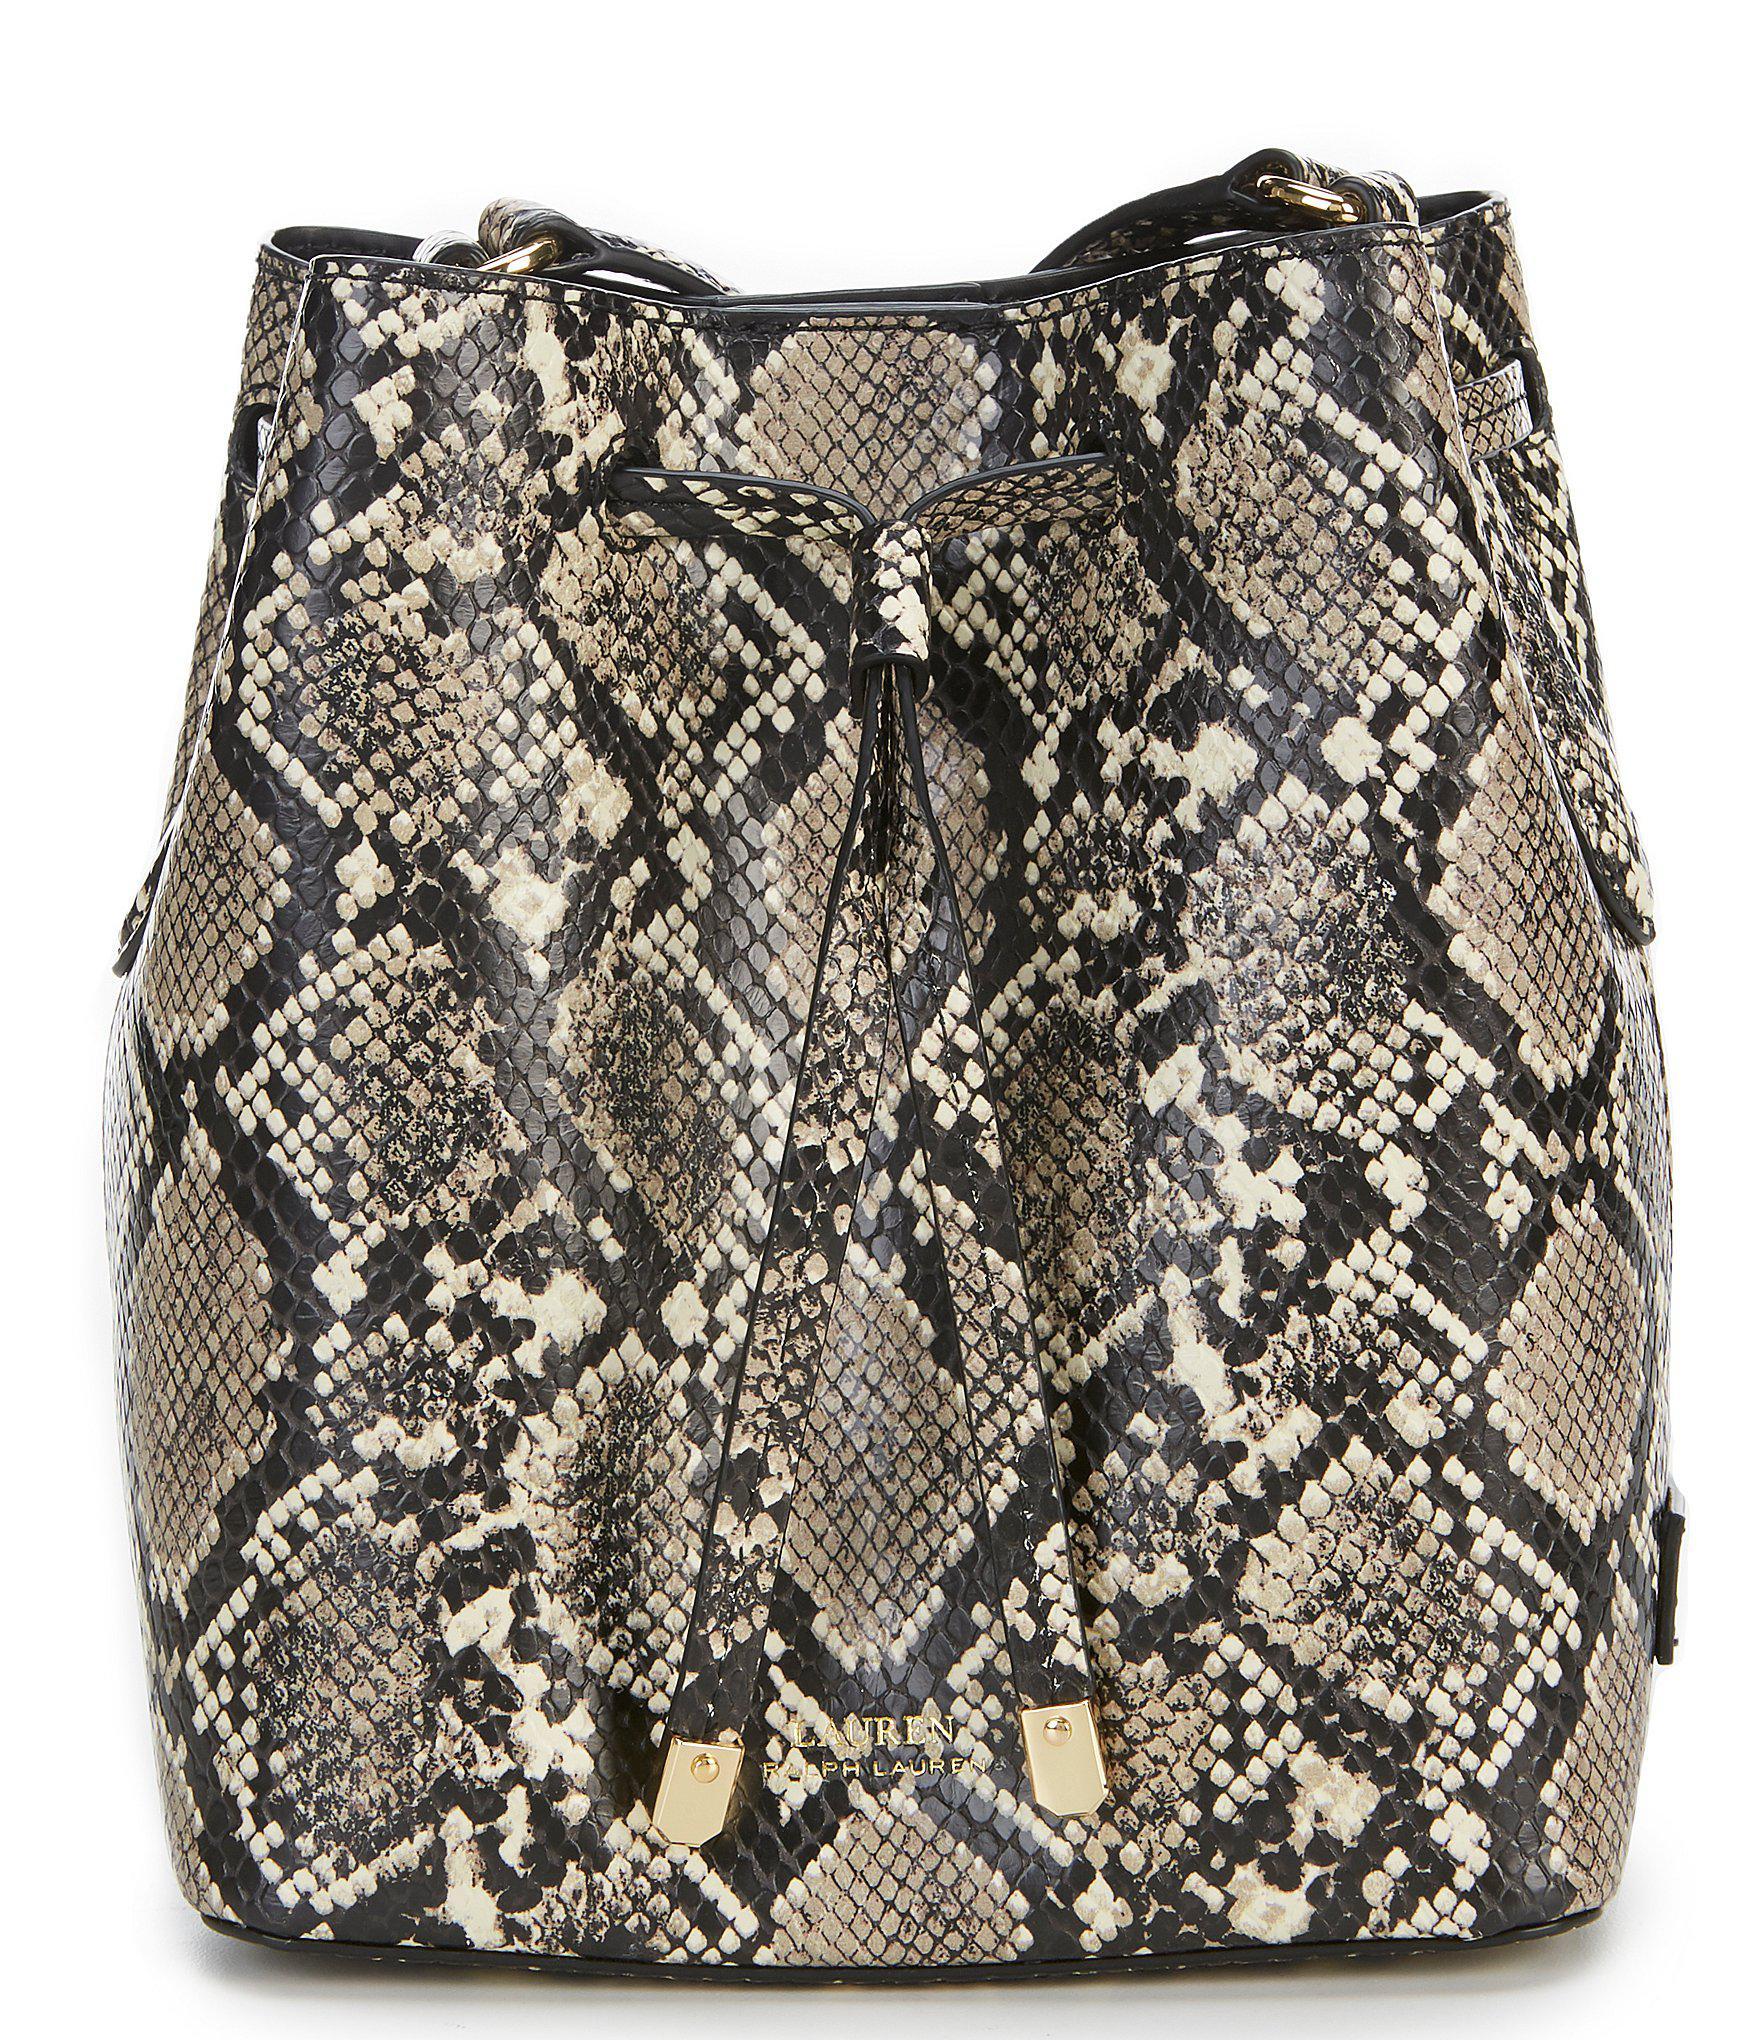 c137d4989b41a6 Lyst - Lauren by Ralph Lauren Mini Debby Snake-embossed Drawstring ...